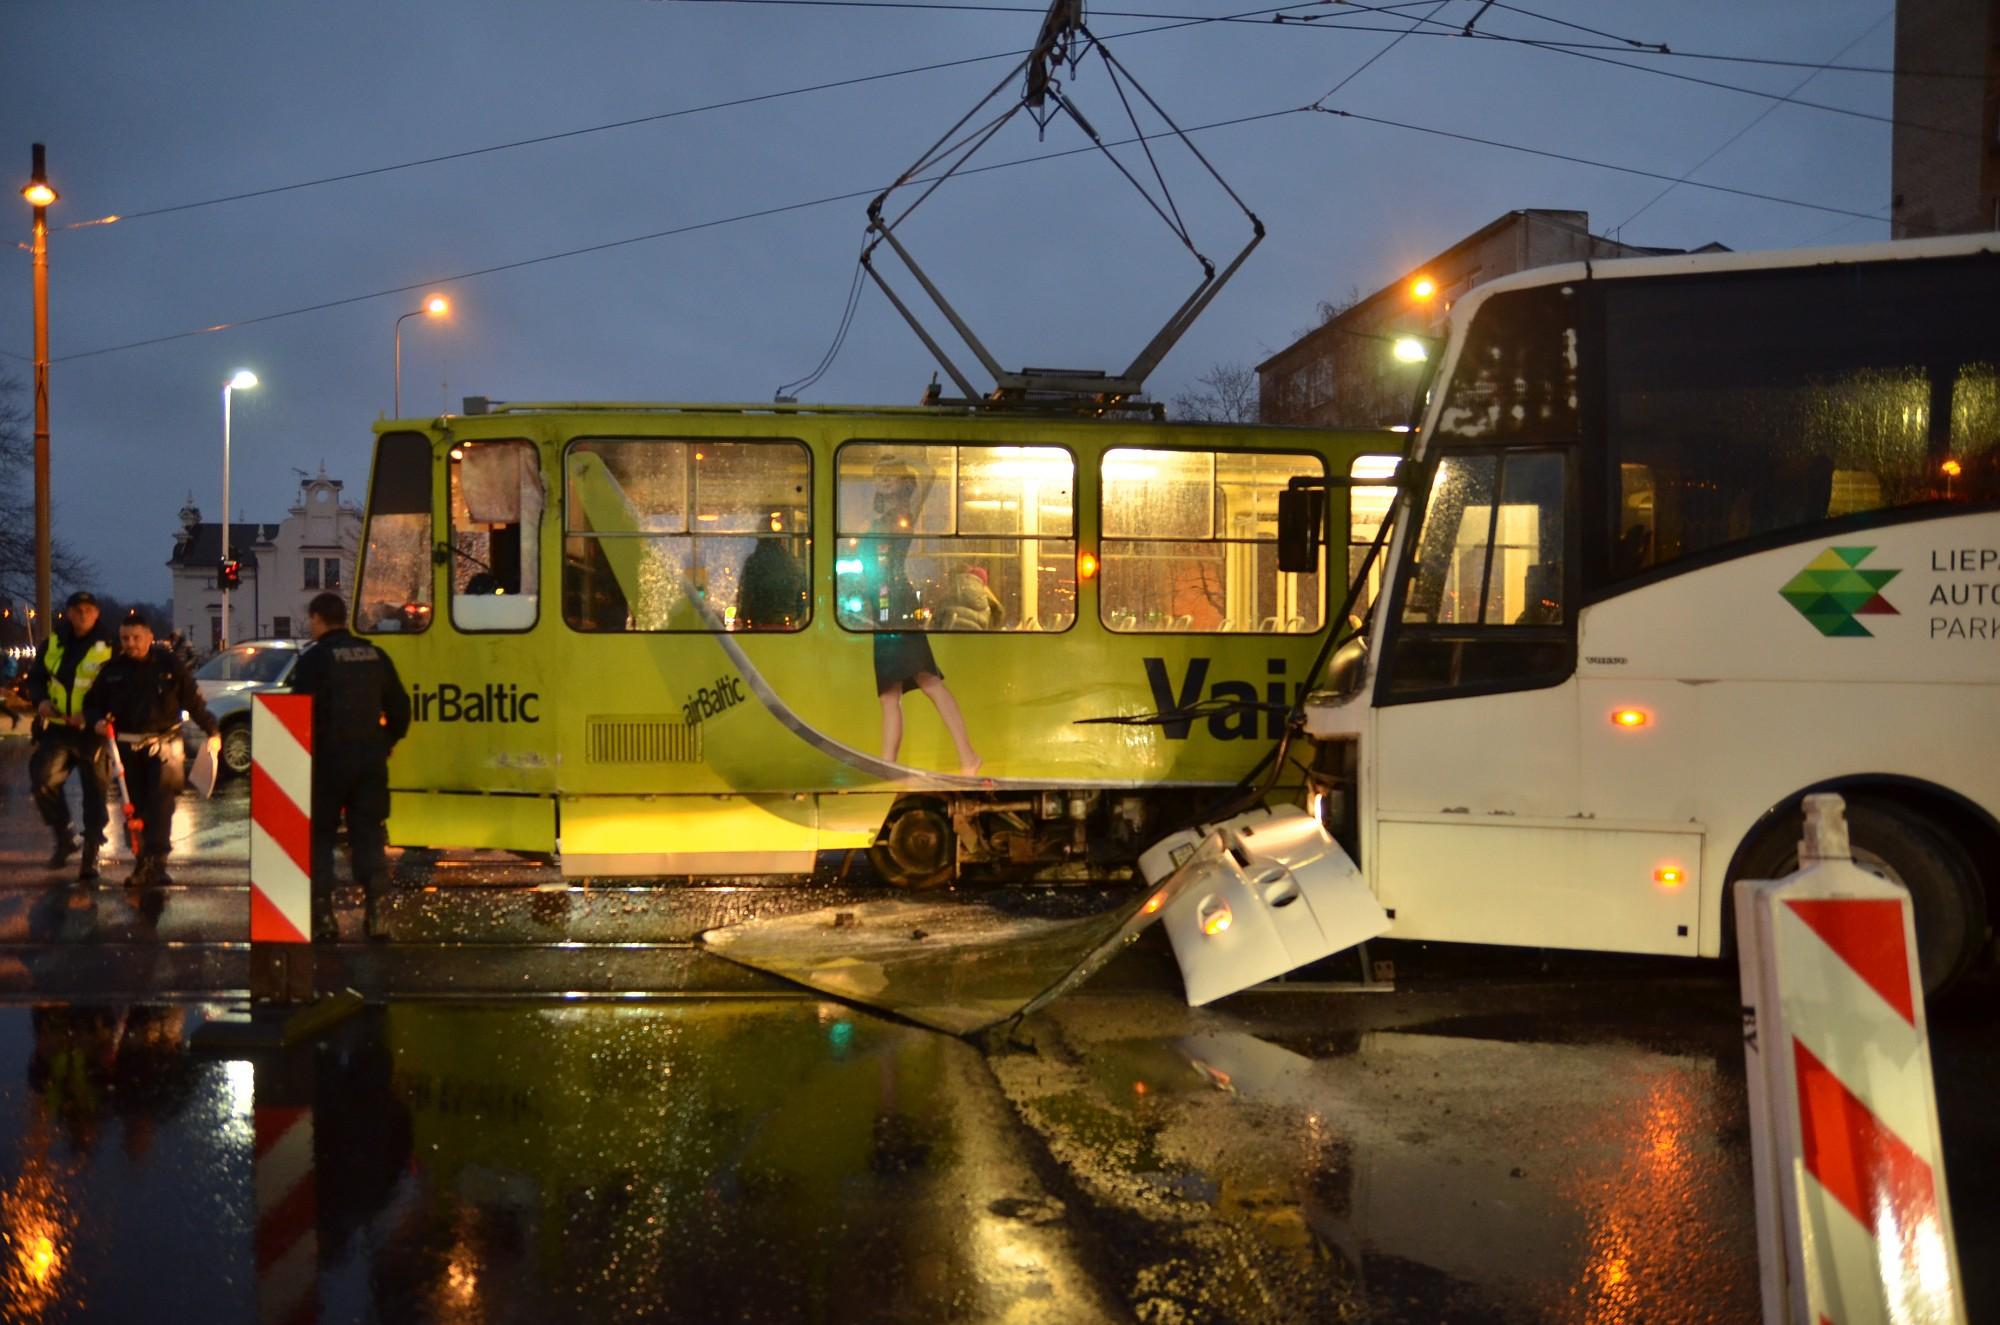 На улице Лиела столкнулись автобус и трамвай